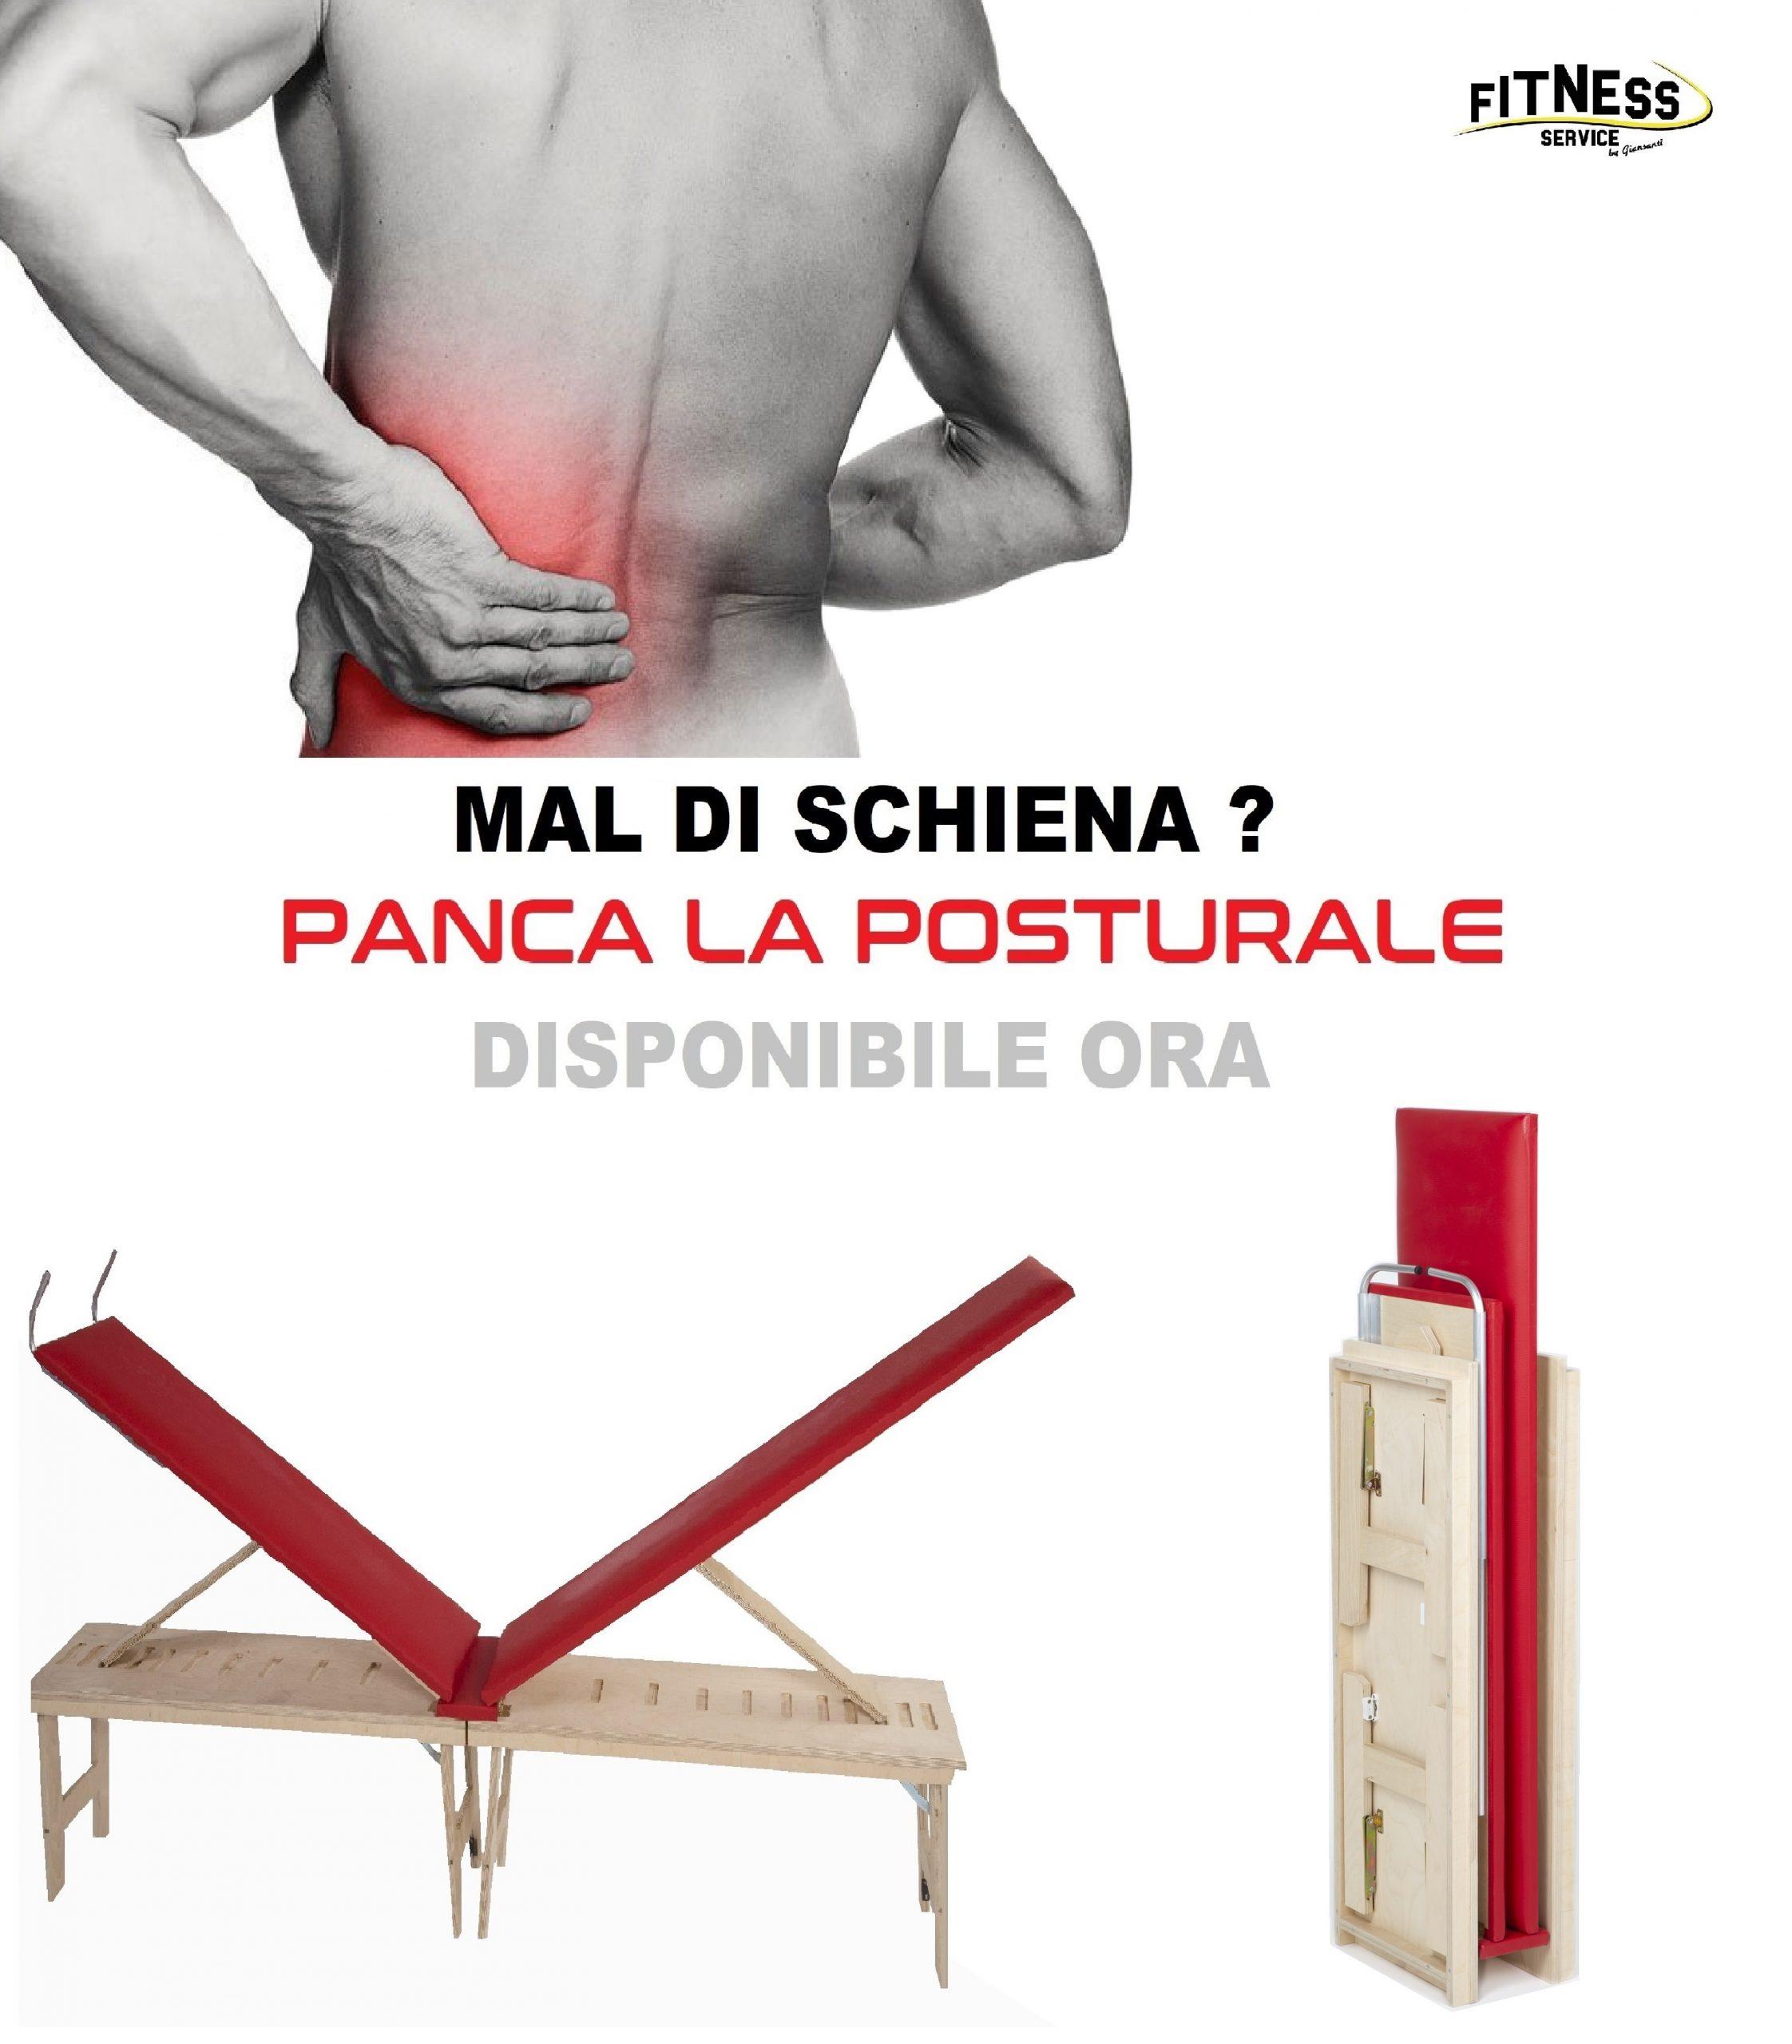 La Posturale Panca contro il mal di schiena